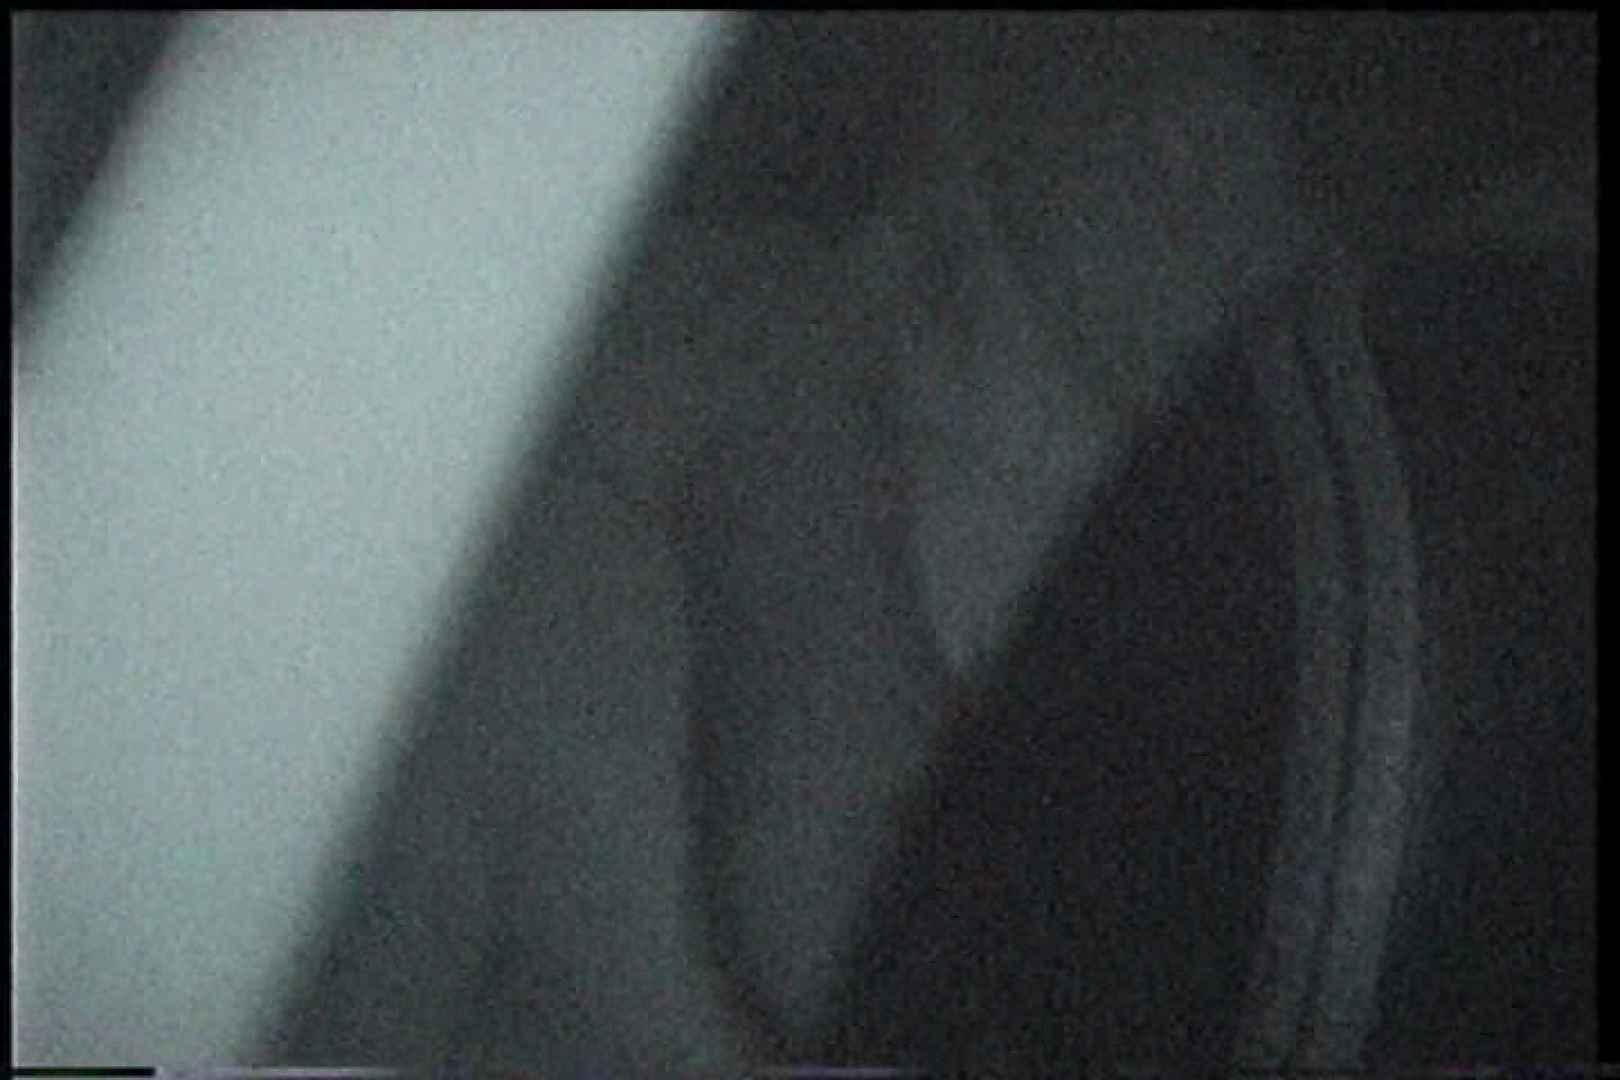 充血監督の深夜の運動会Vol.187 エロティックなOL   エッチなセックス  96画像 67